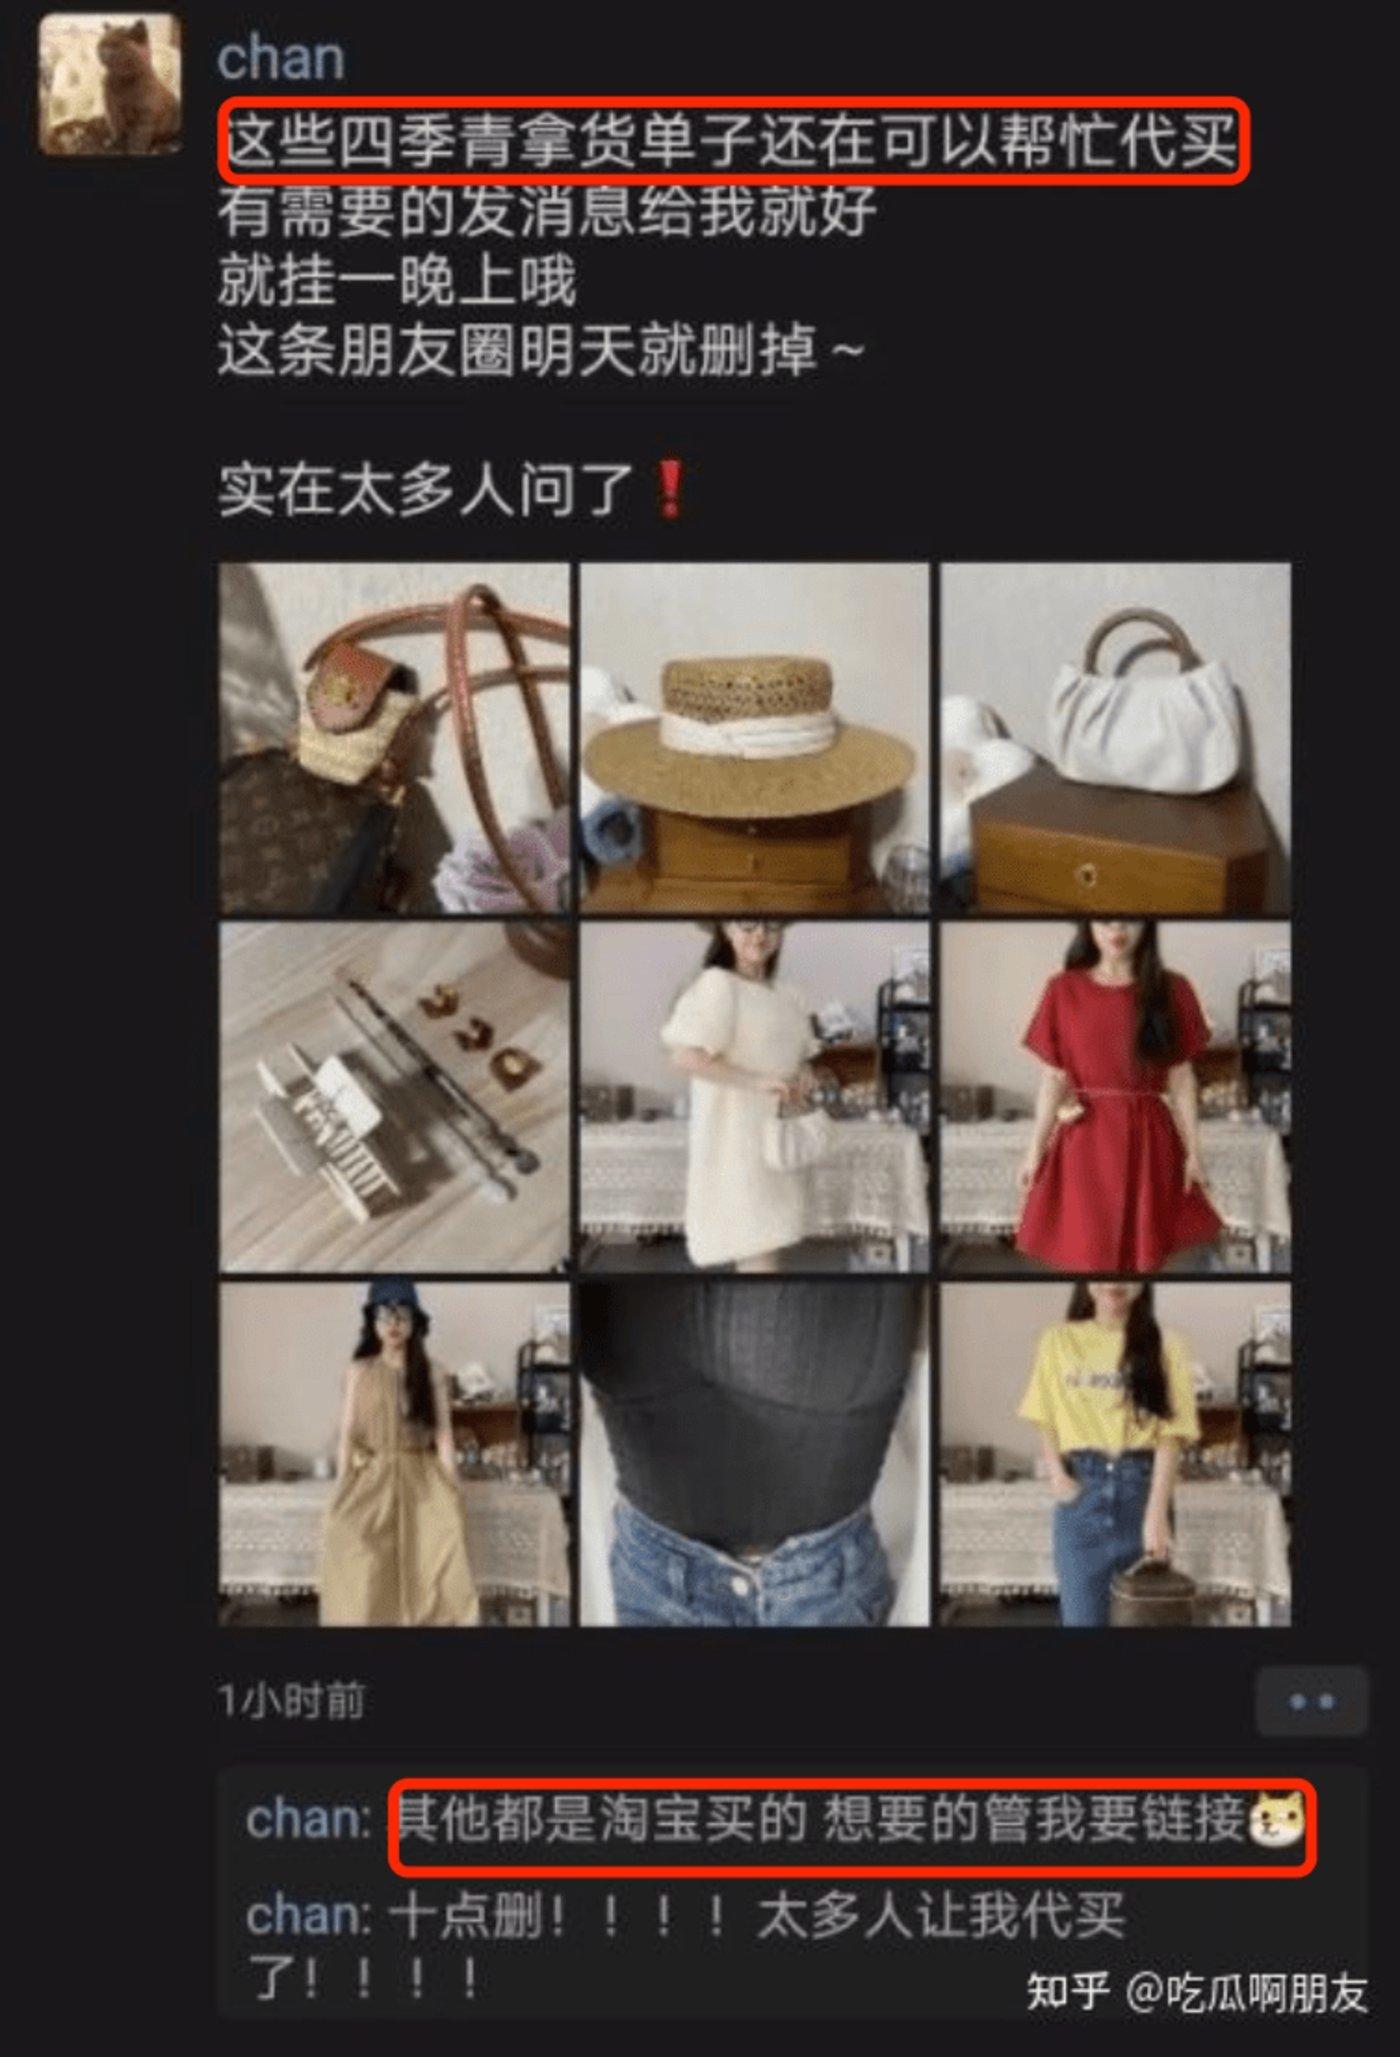 chanchan在朋友圈代购衣服图源 / 知乎网友